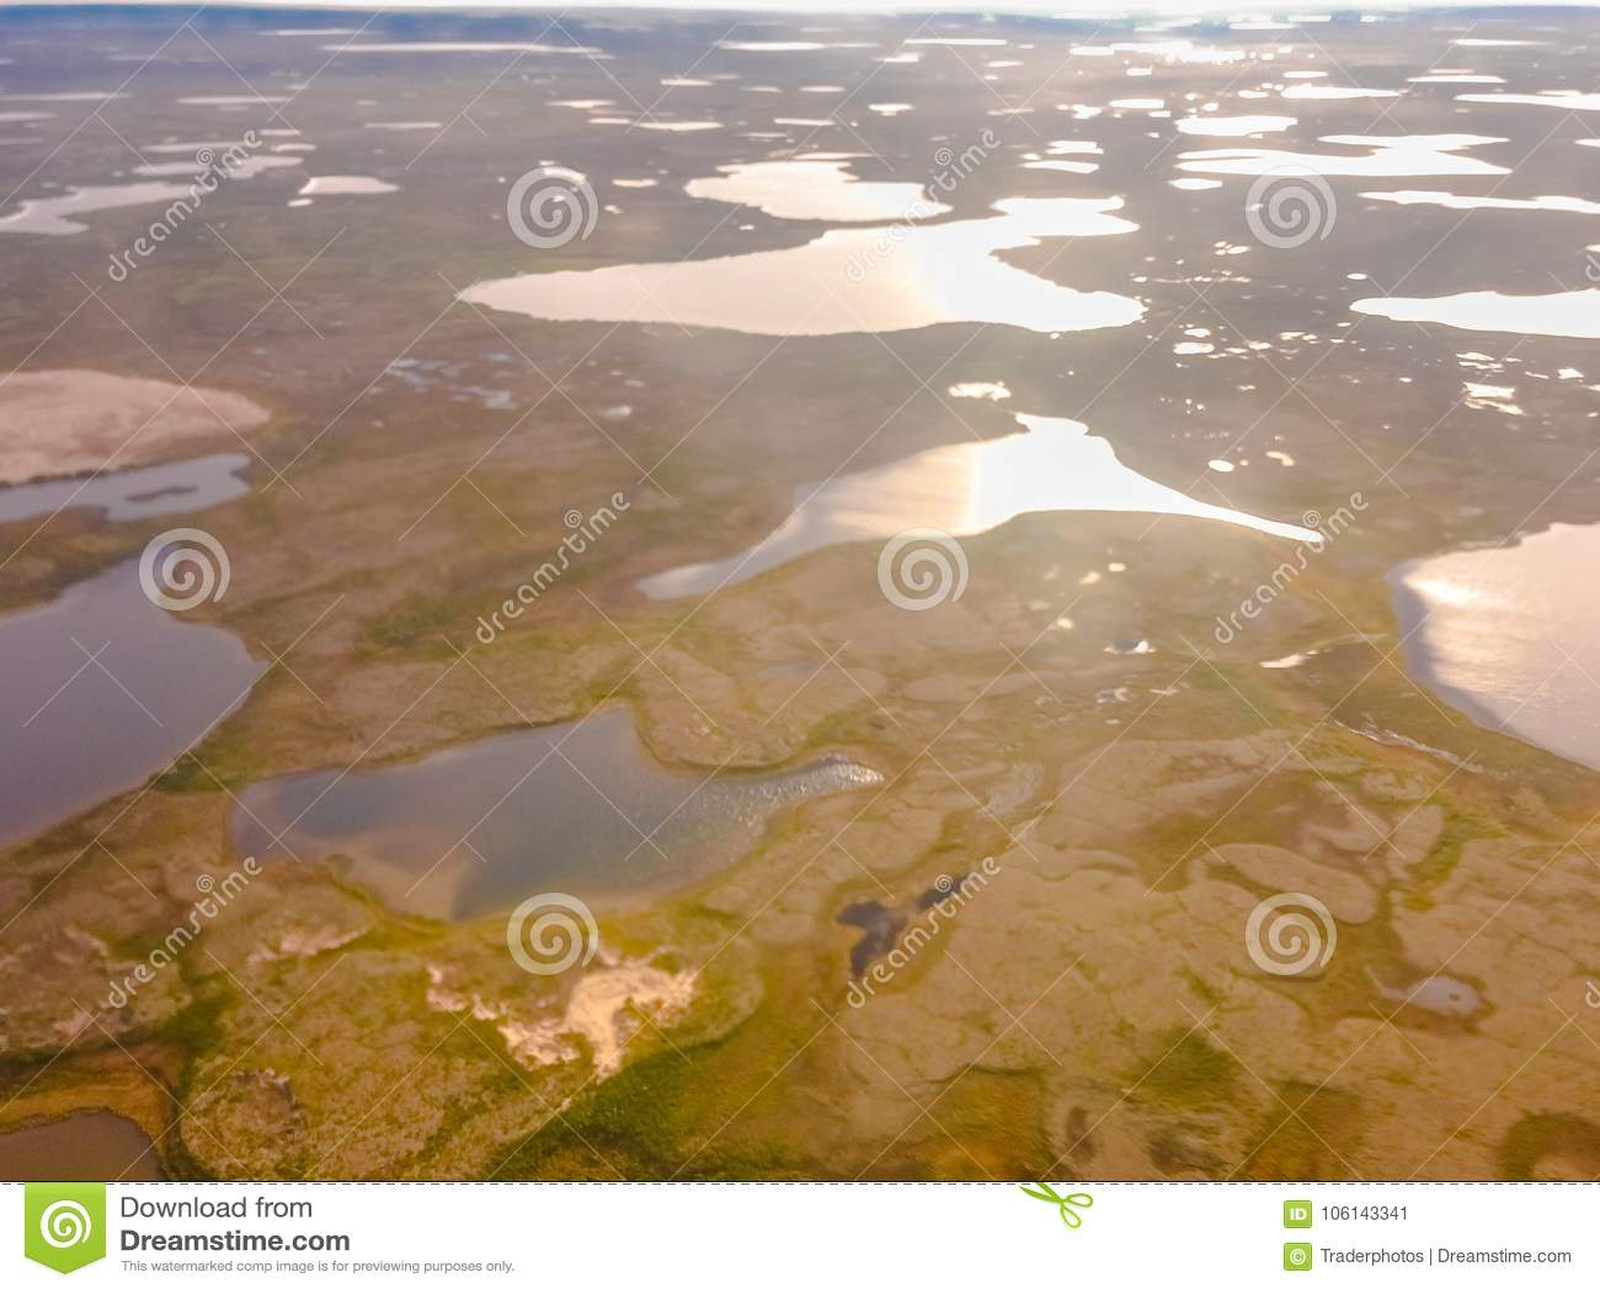 Tundra Mening van de helikopter van een hoogte